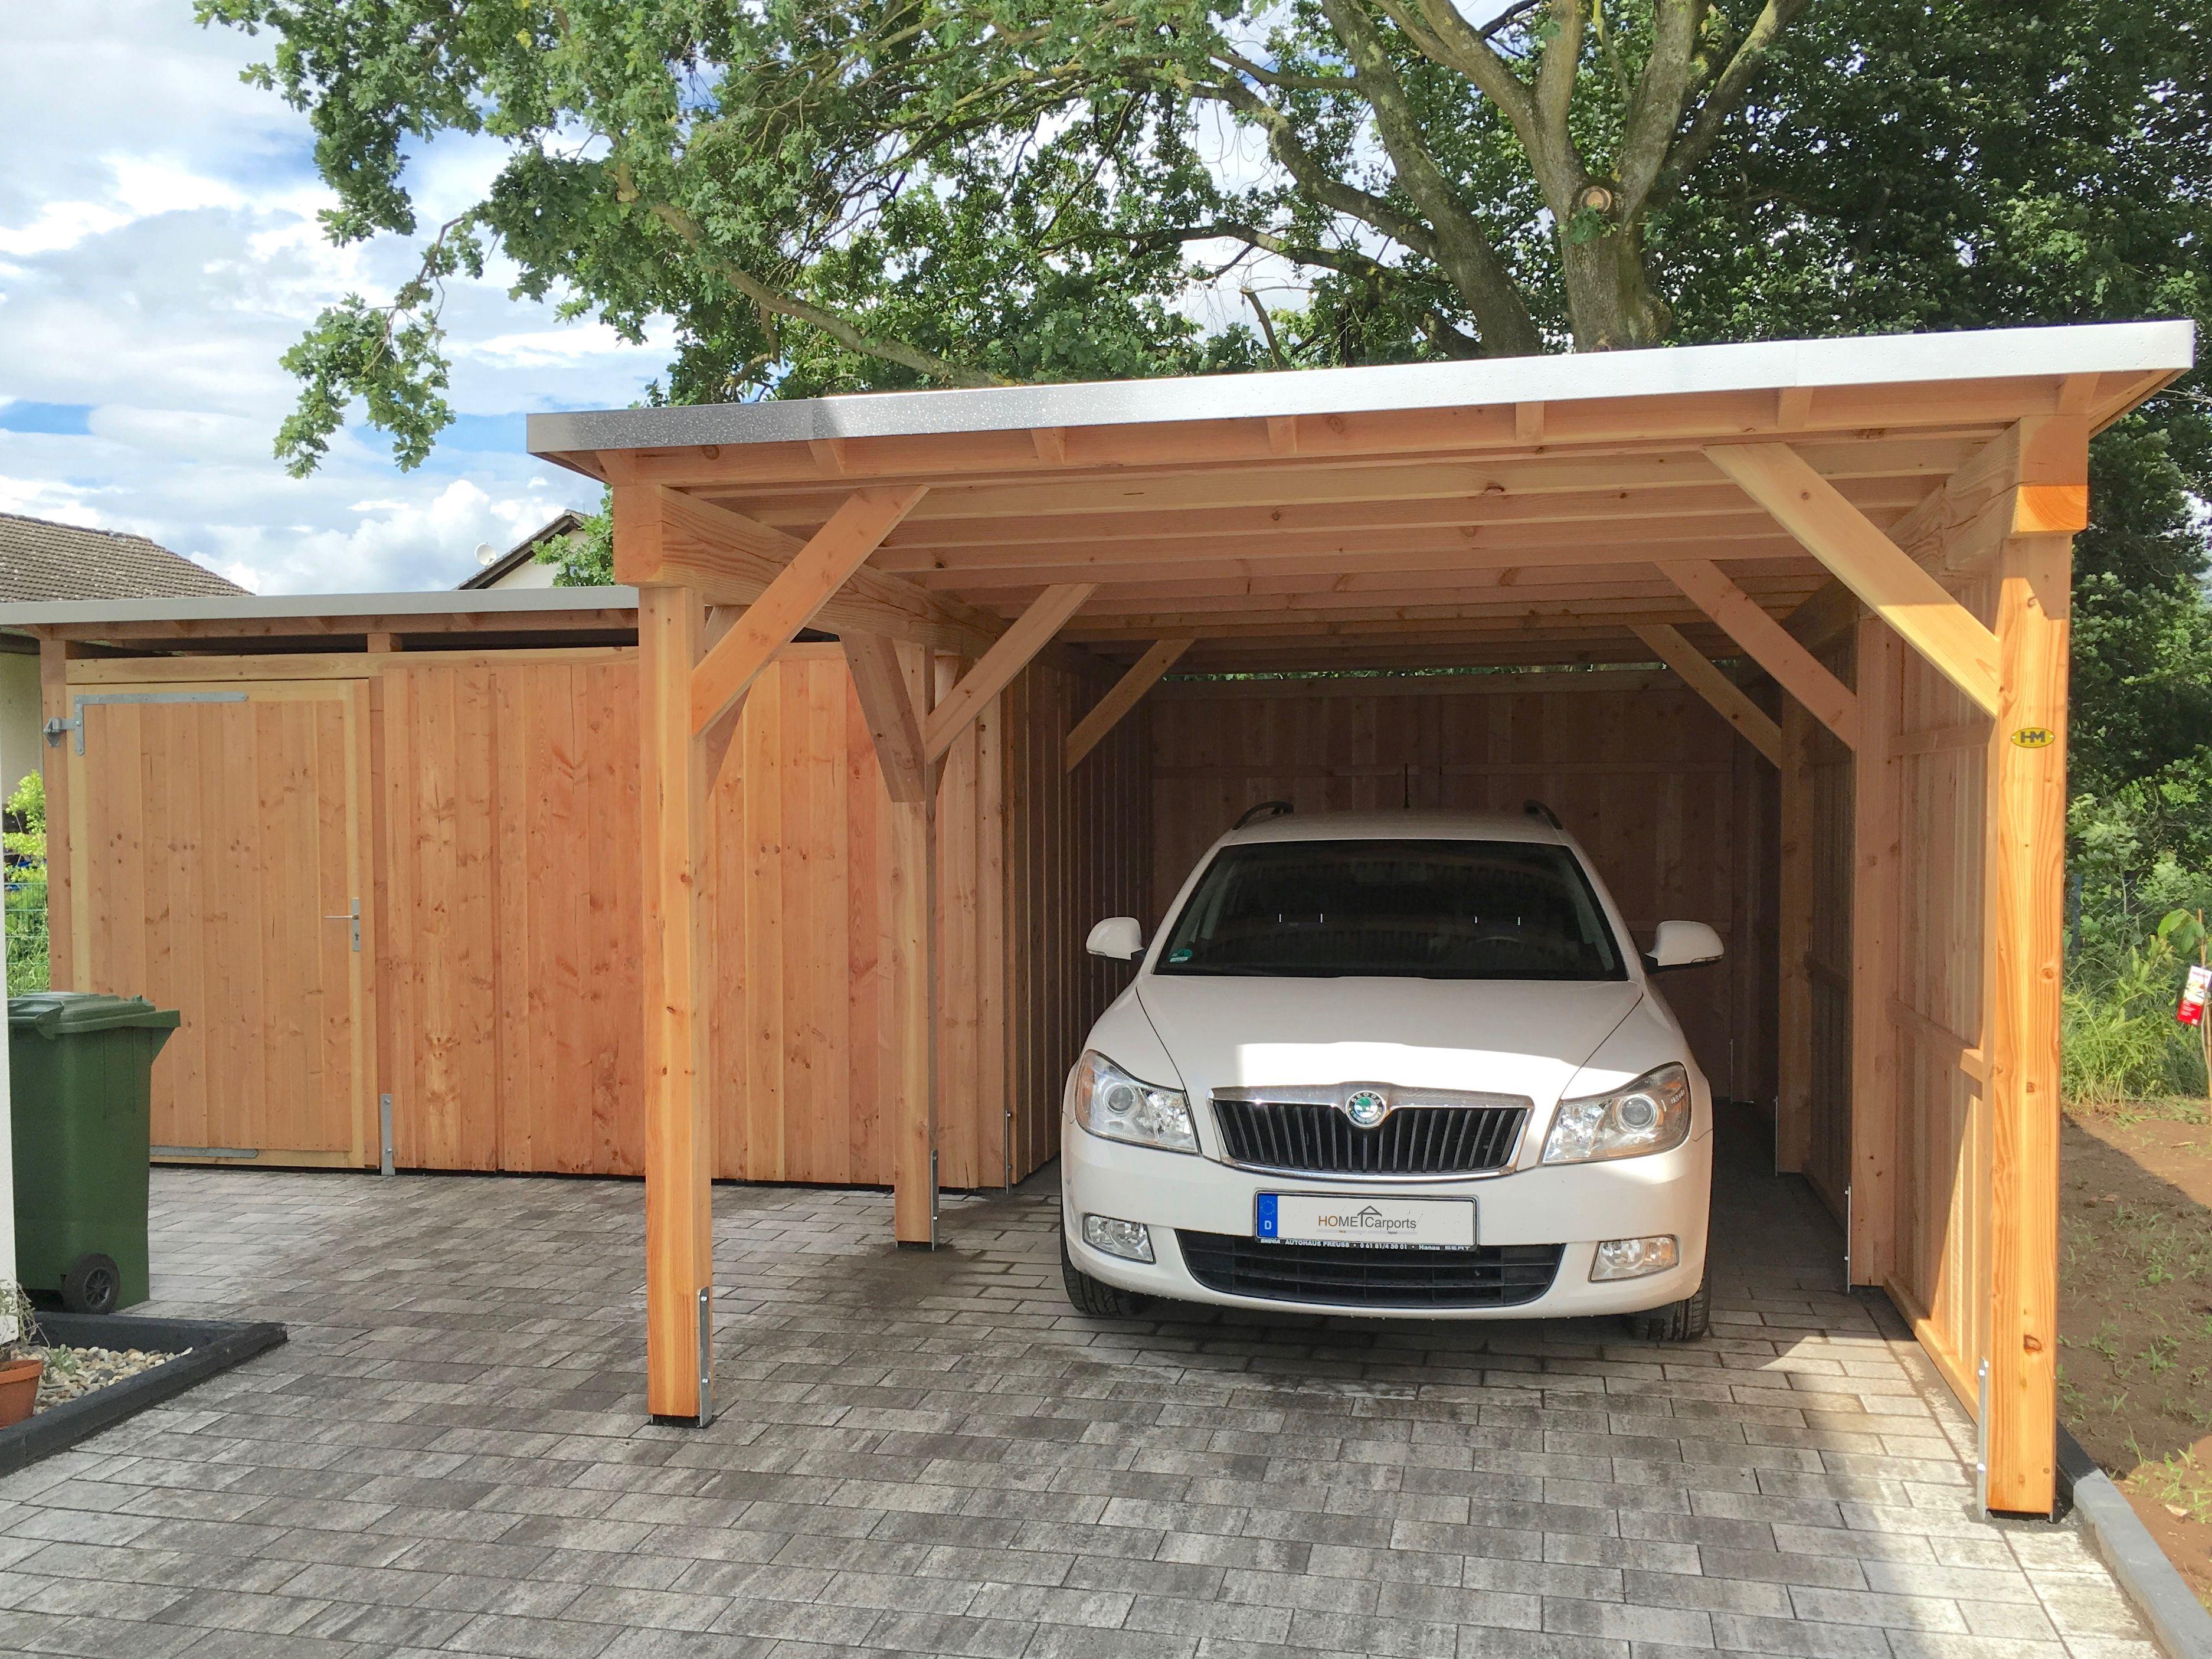 Holz Carport aus Douglasie mit einer Aluminium